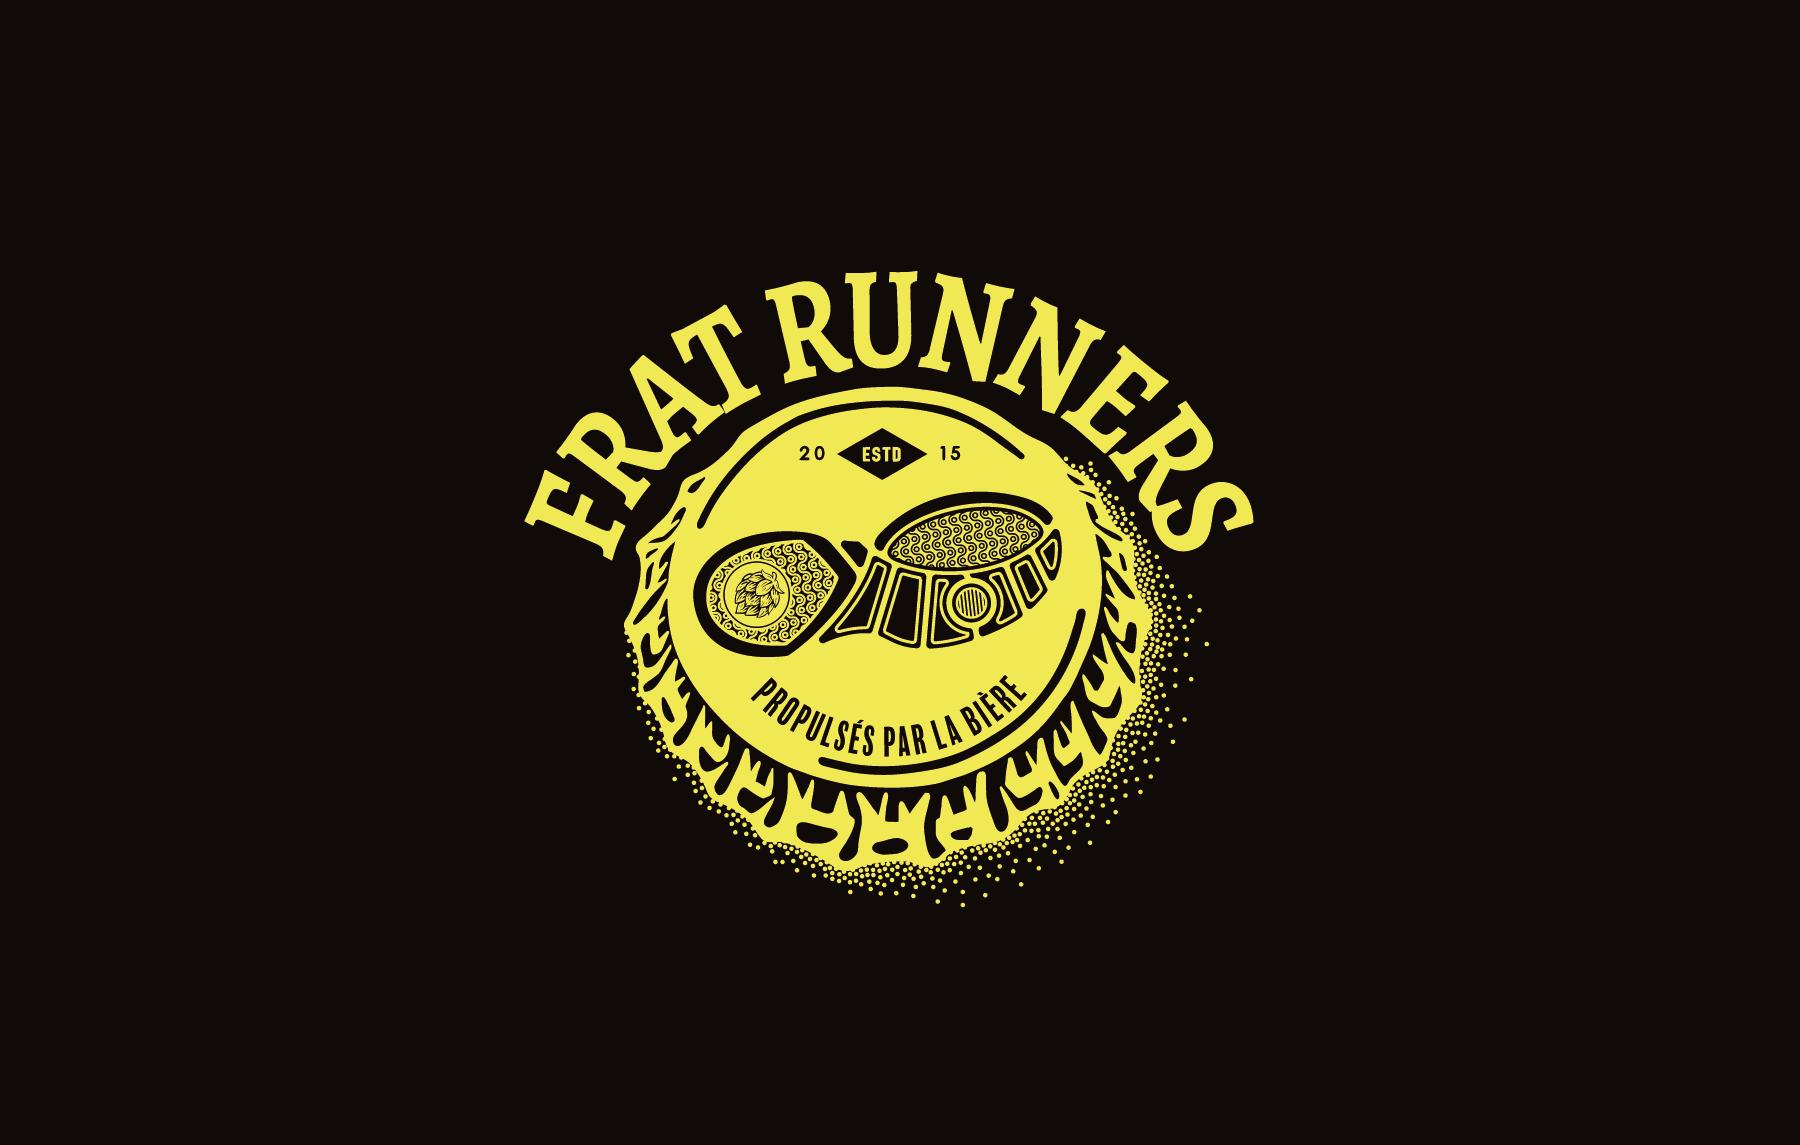 FratRunners logo noir